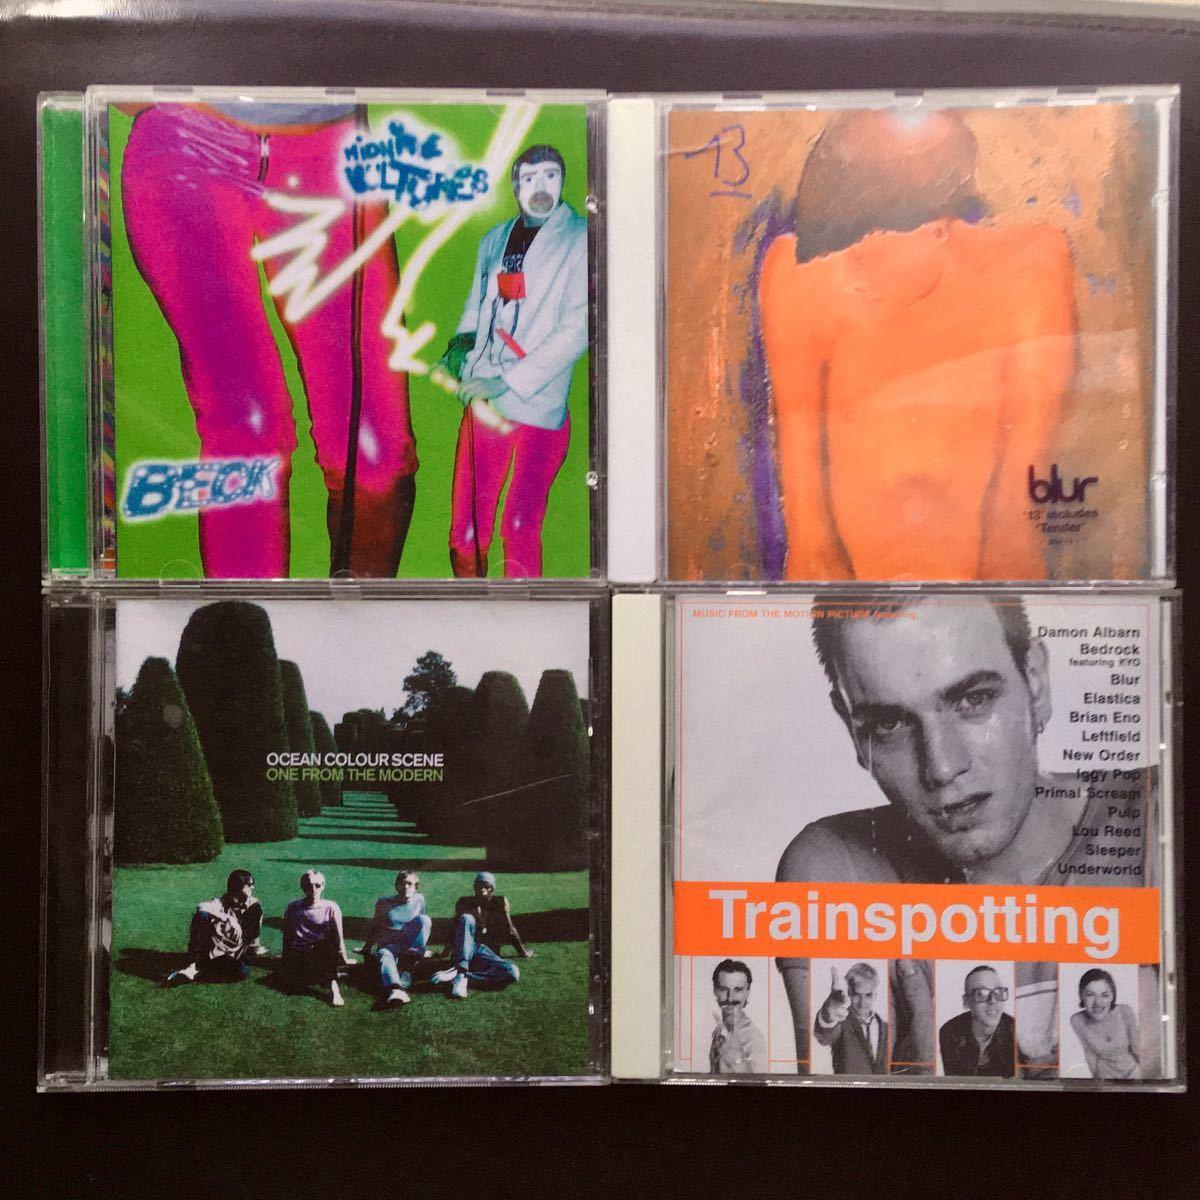 洋楽 CDセット ベック ブラー オーシャンカラーシーン トレインスポッティング